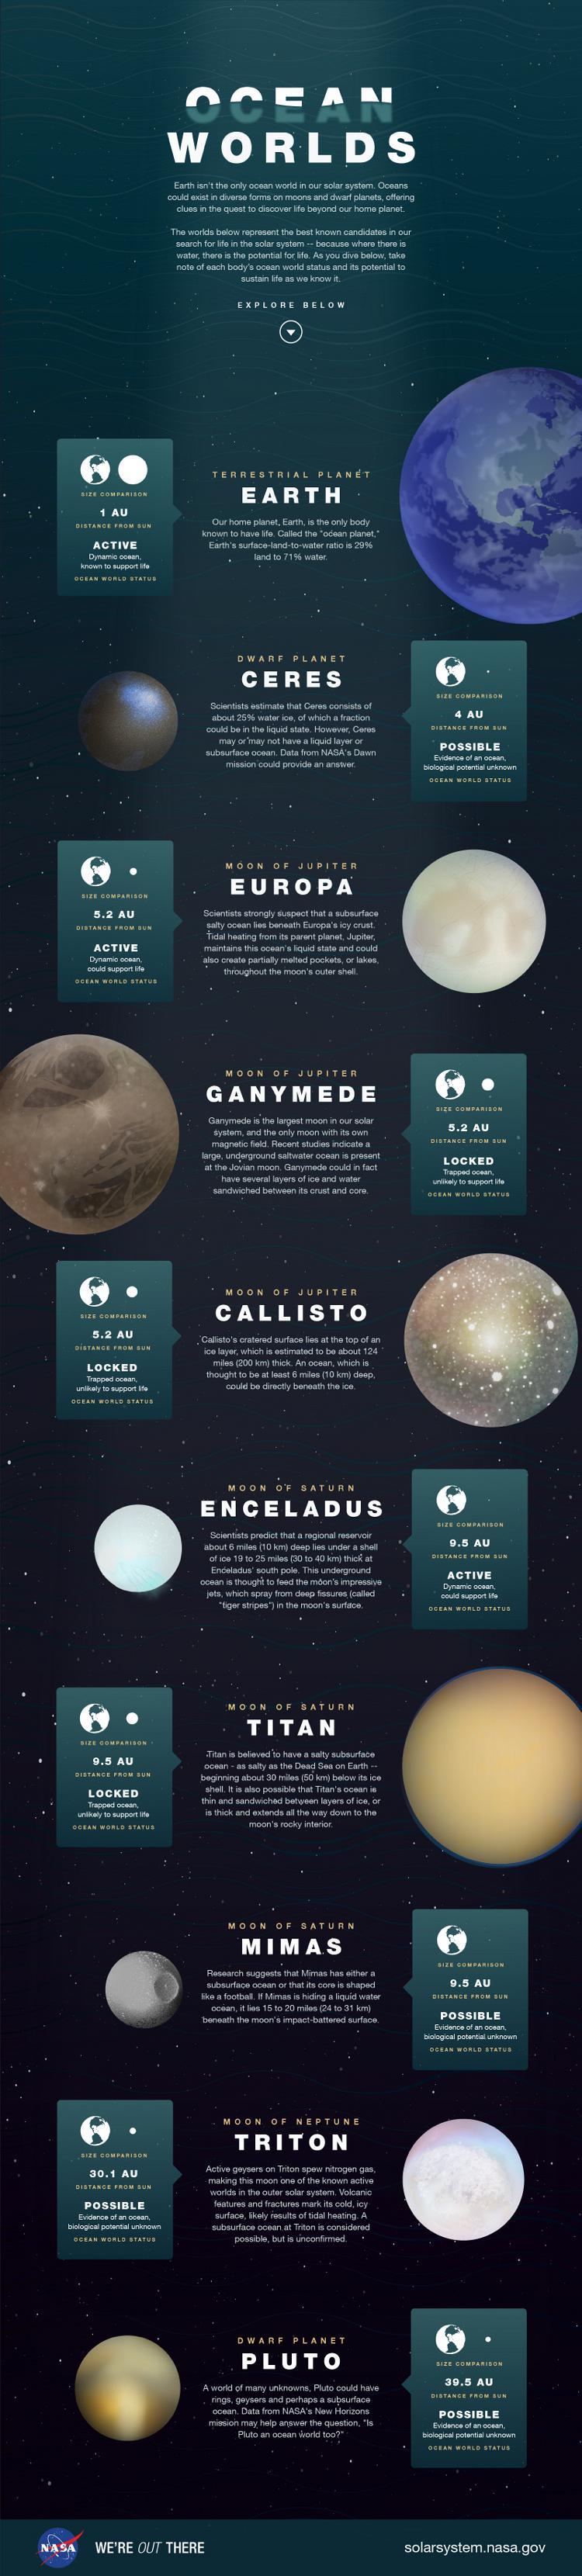 oceanworlds-infographic-nasa